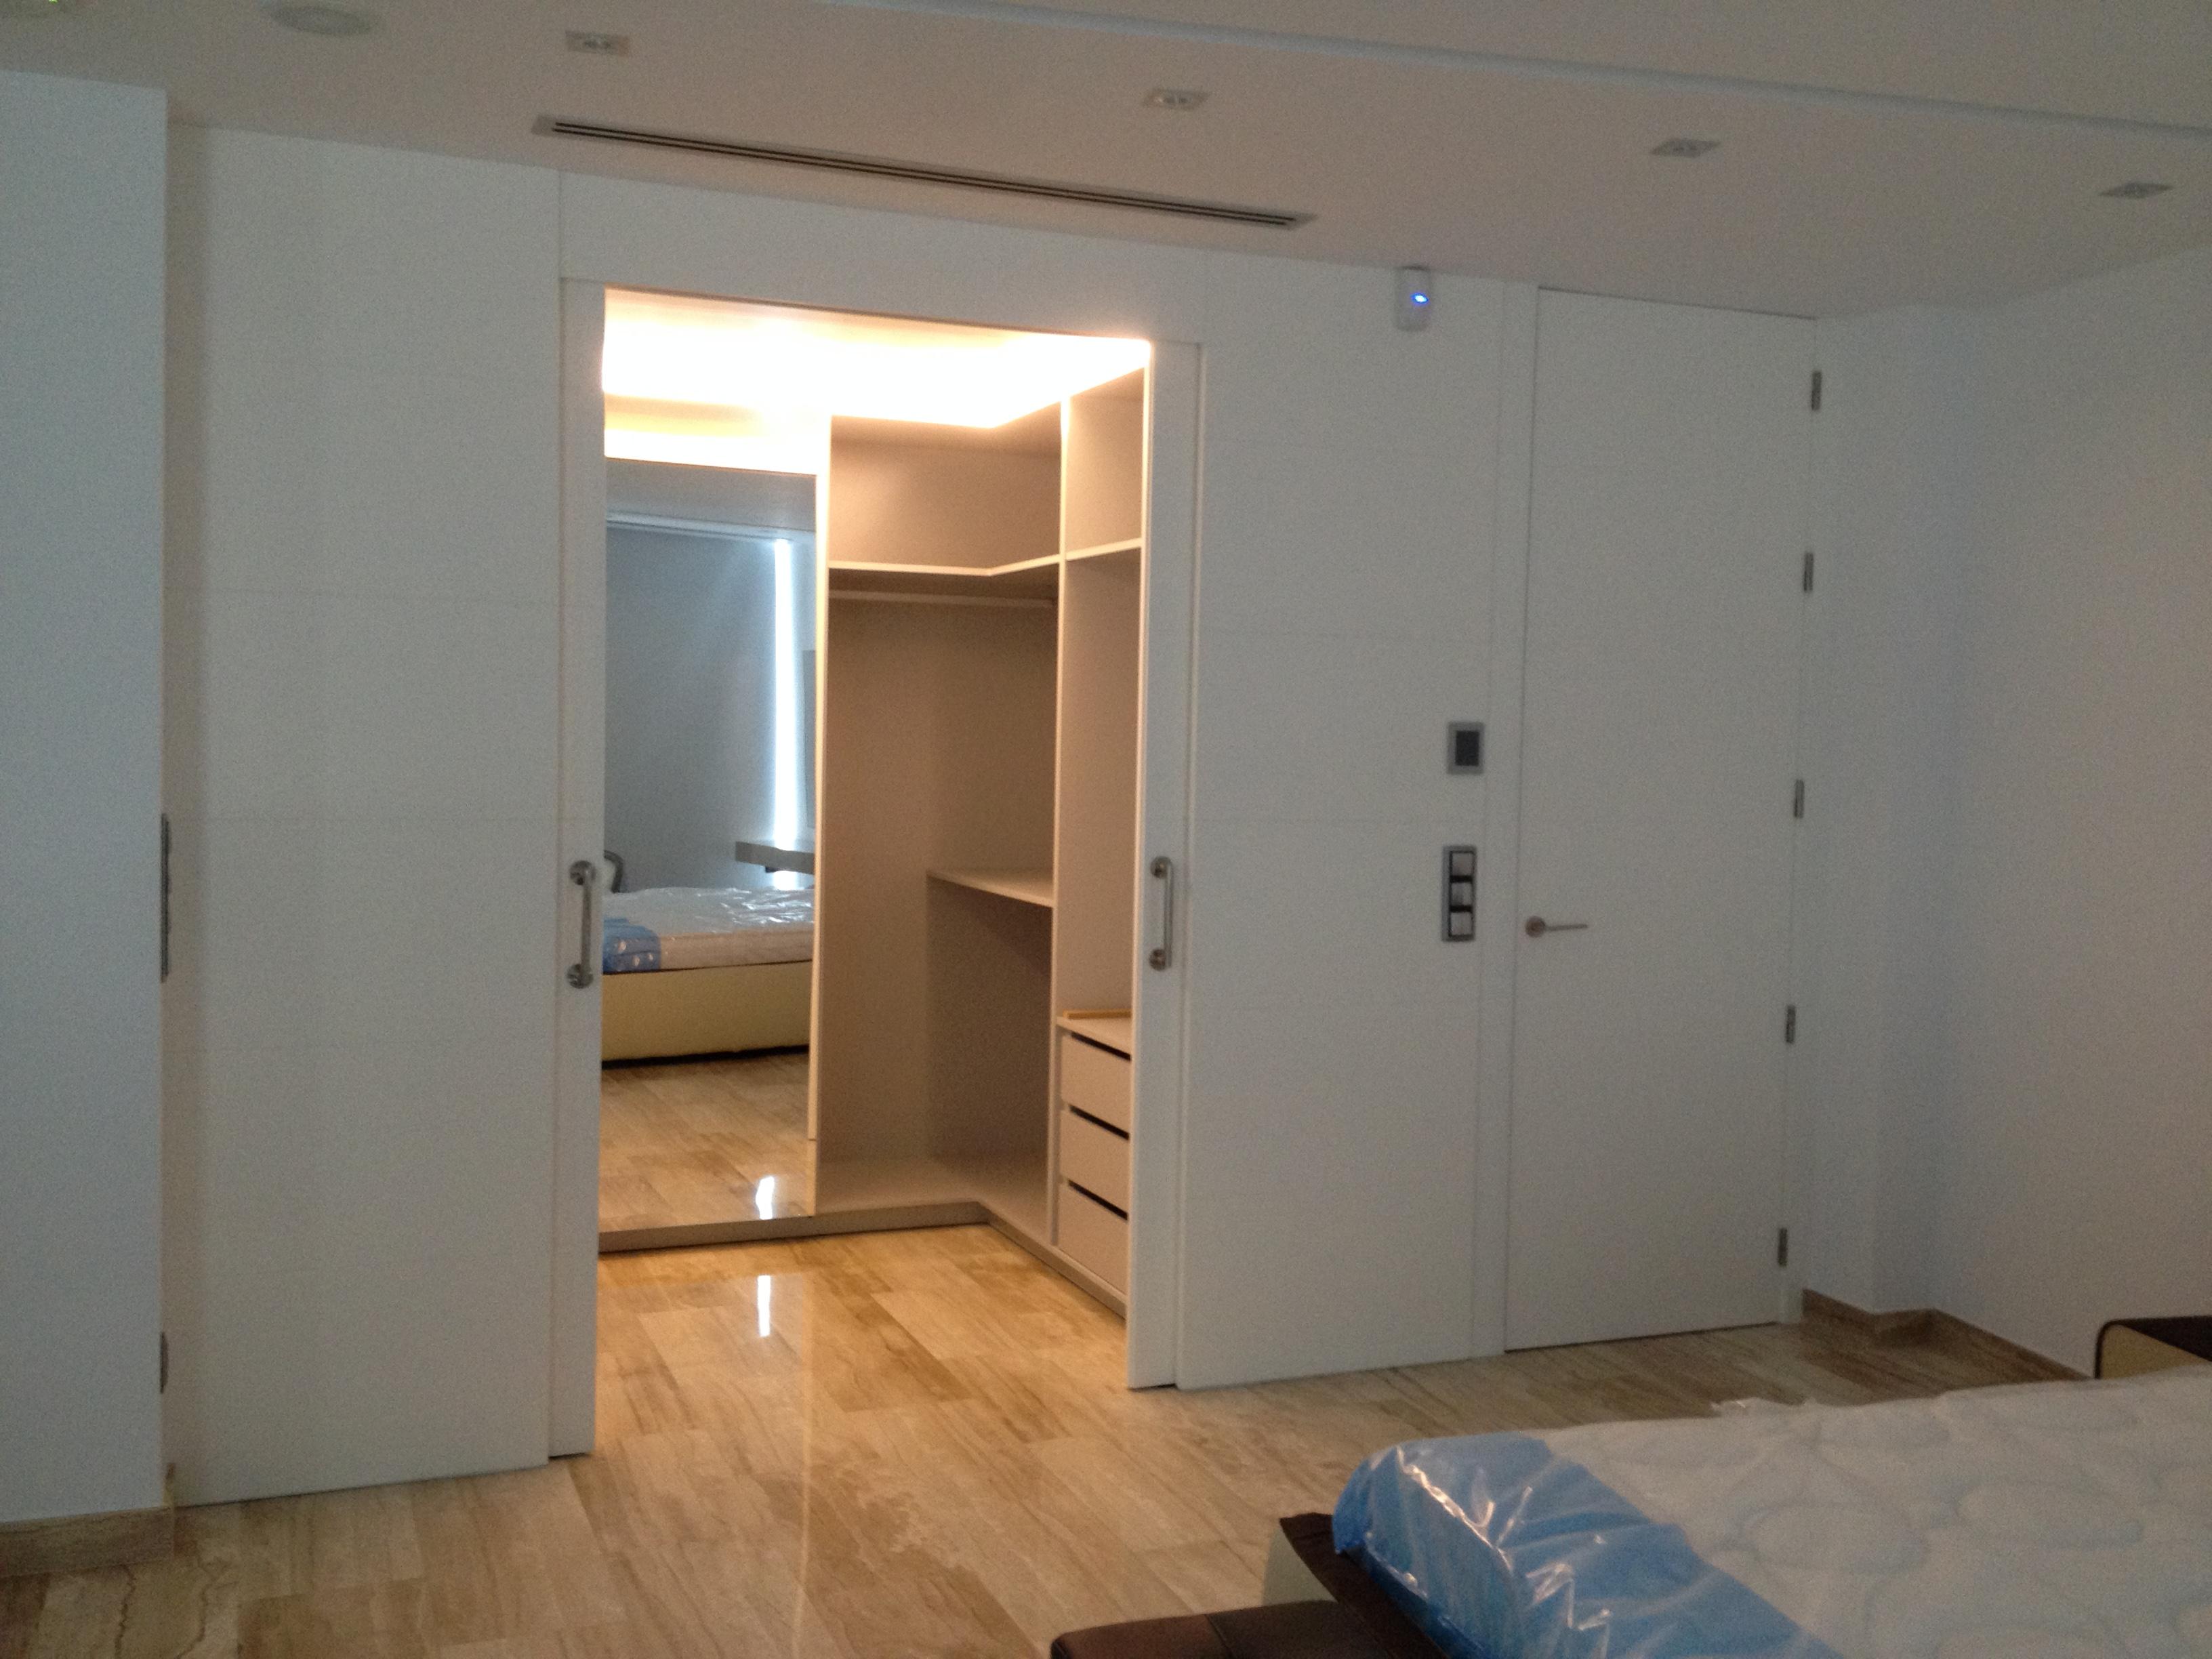 Armarios fabrica fabricacion muebles a medida valencia 22 for Fabrica muebles valencia